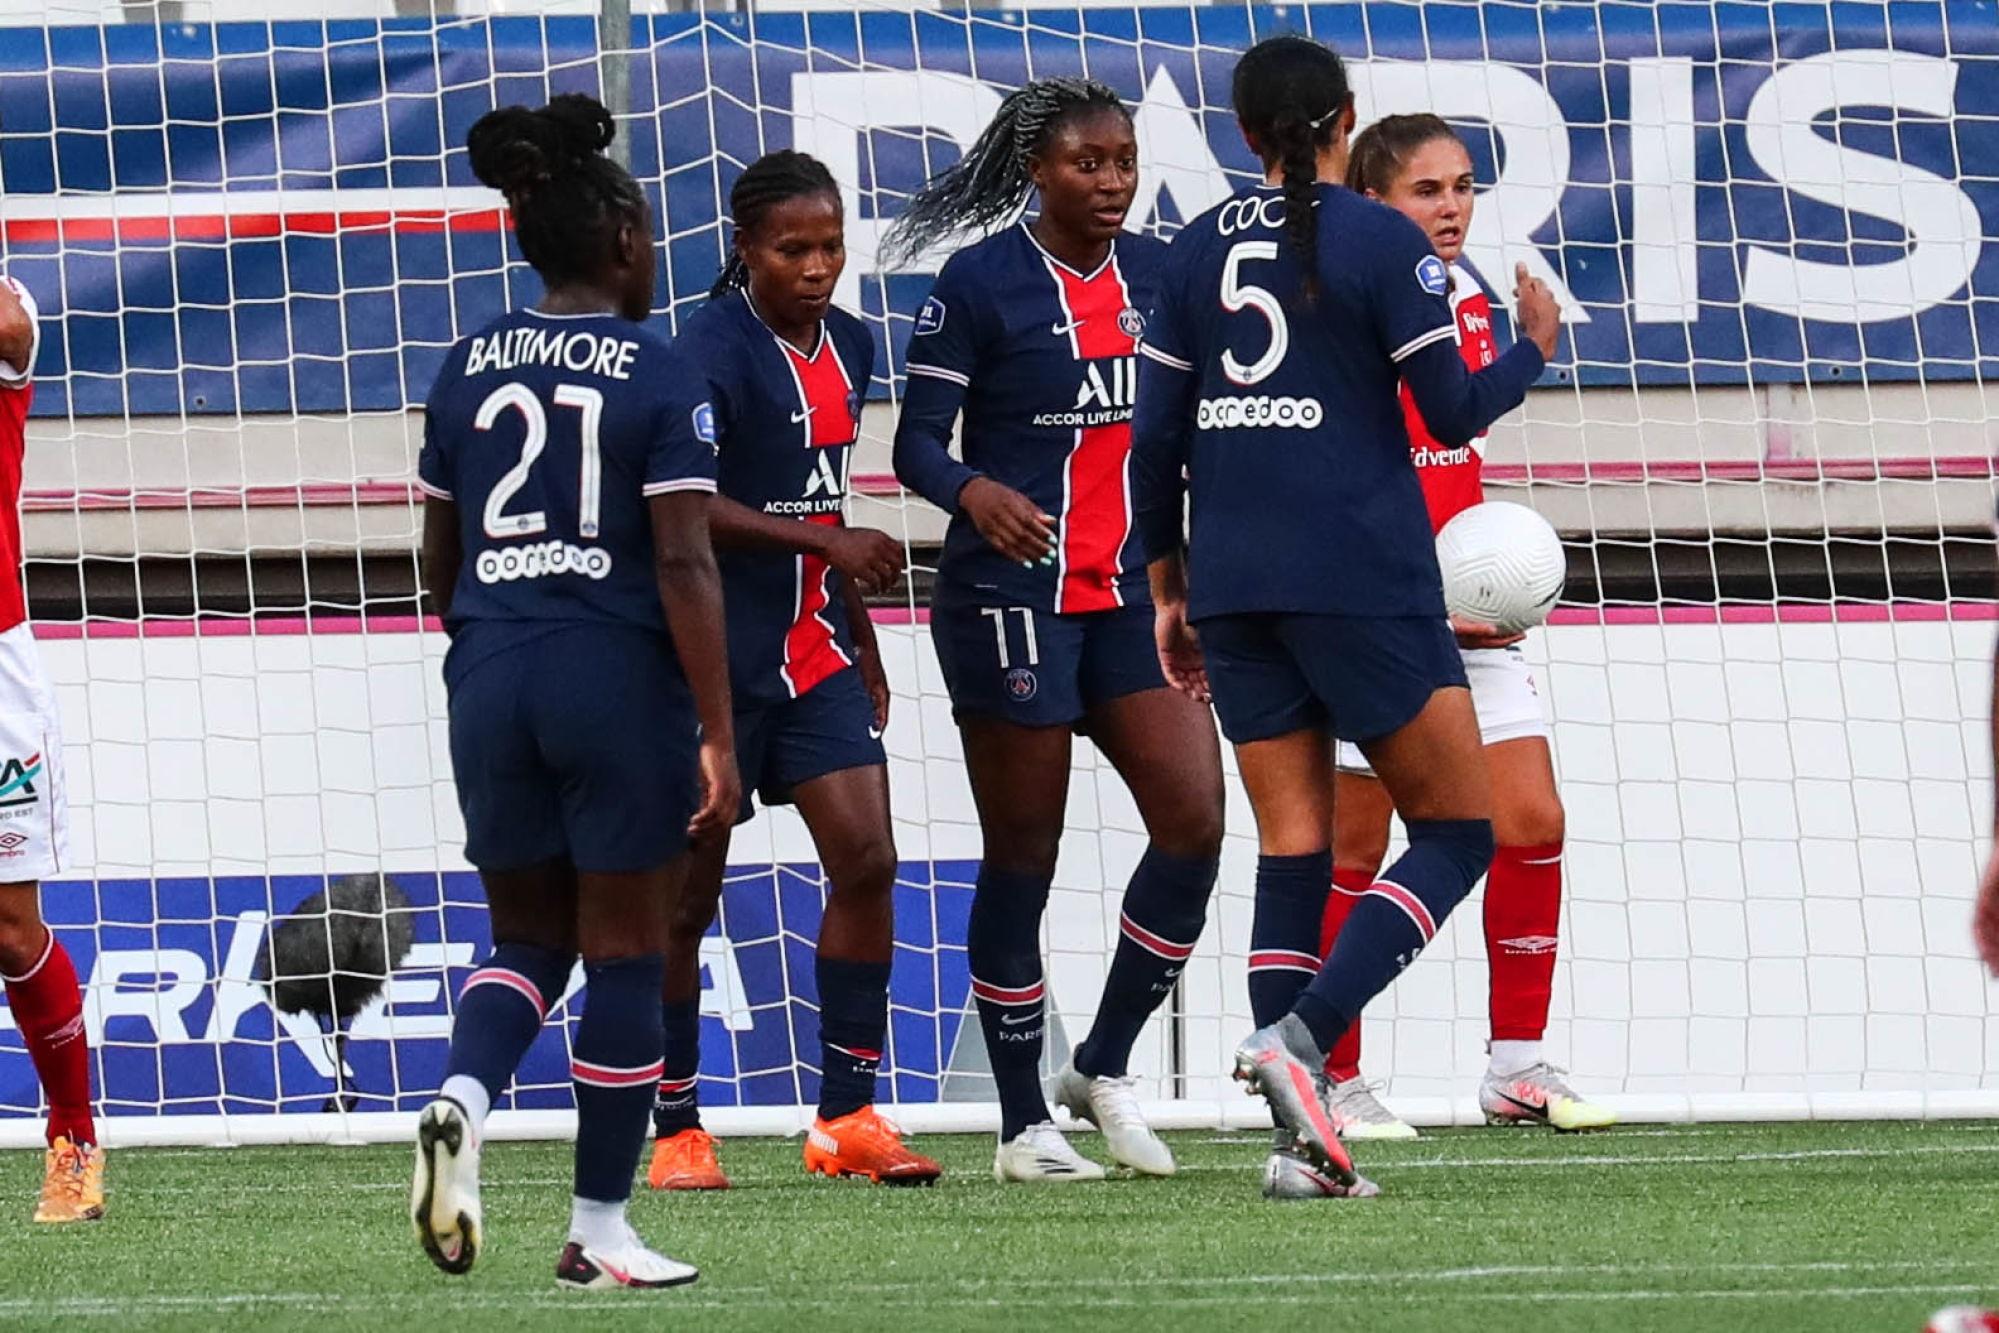 Féminines - Le PSG revient de Dijon avec une belle victoire